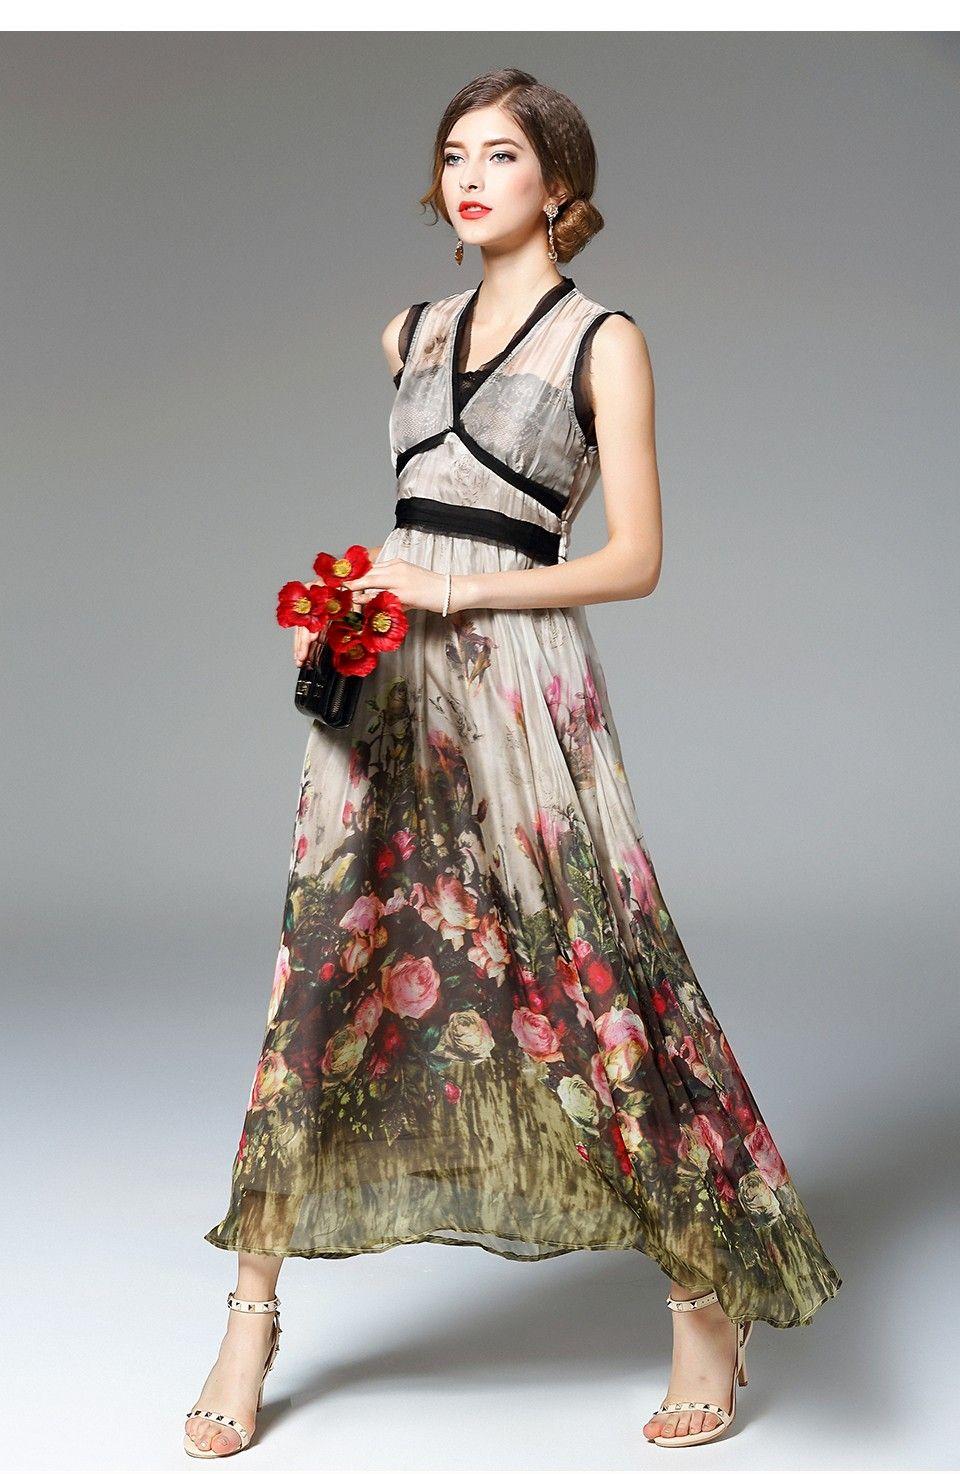 nexiia nouvelles femmes de mode d 39 t chinois robe haut de. Black Bedroom Furniture Sets. Home Design Ideas